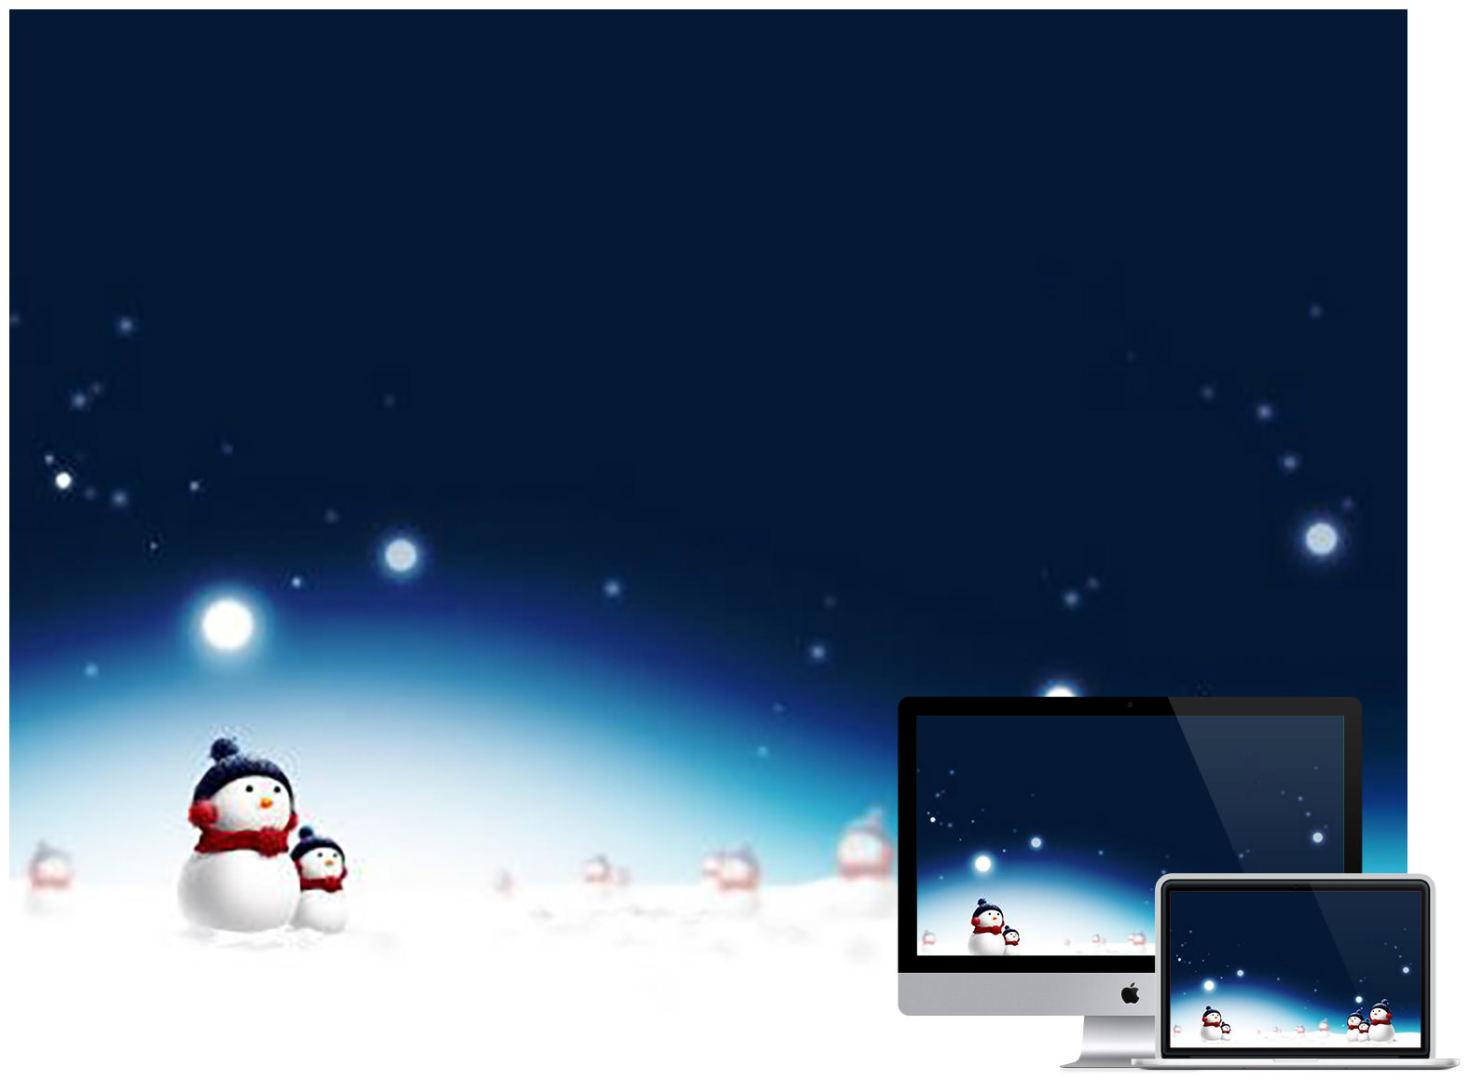 Christman_Snowman_wallpaper